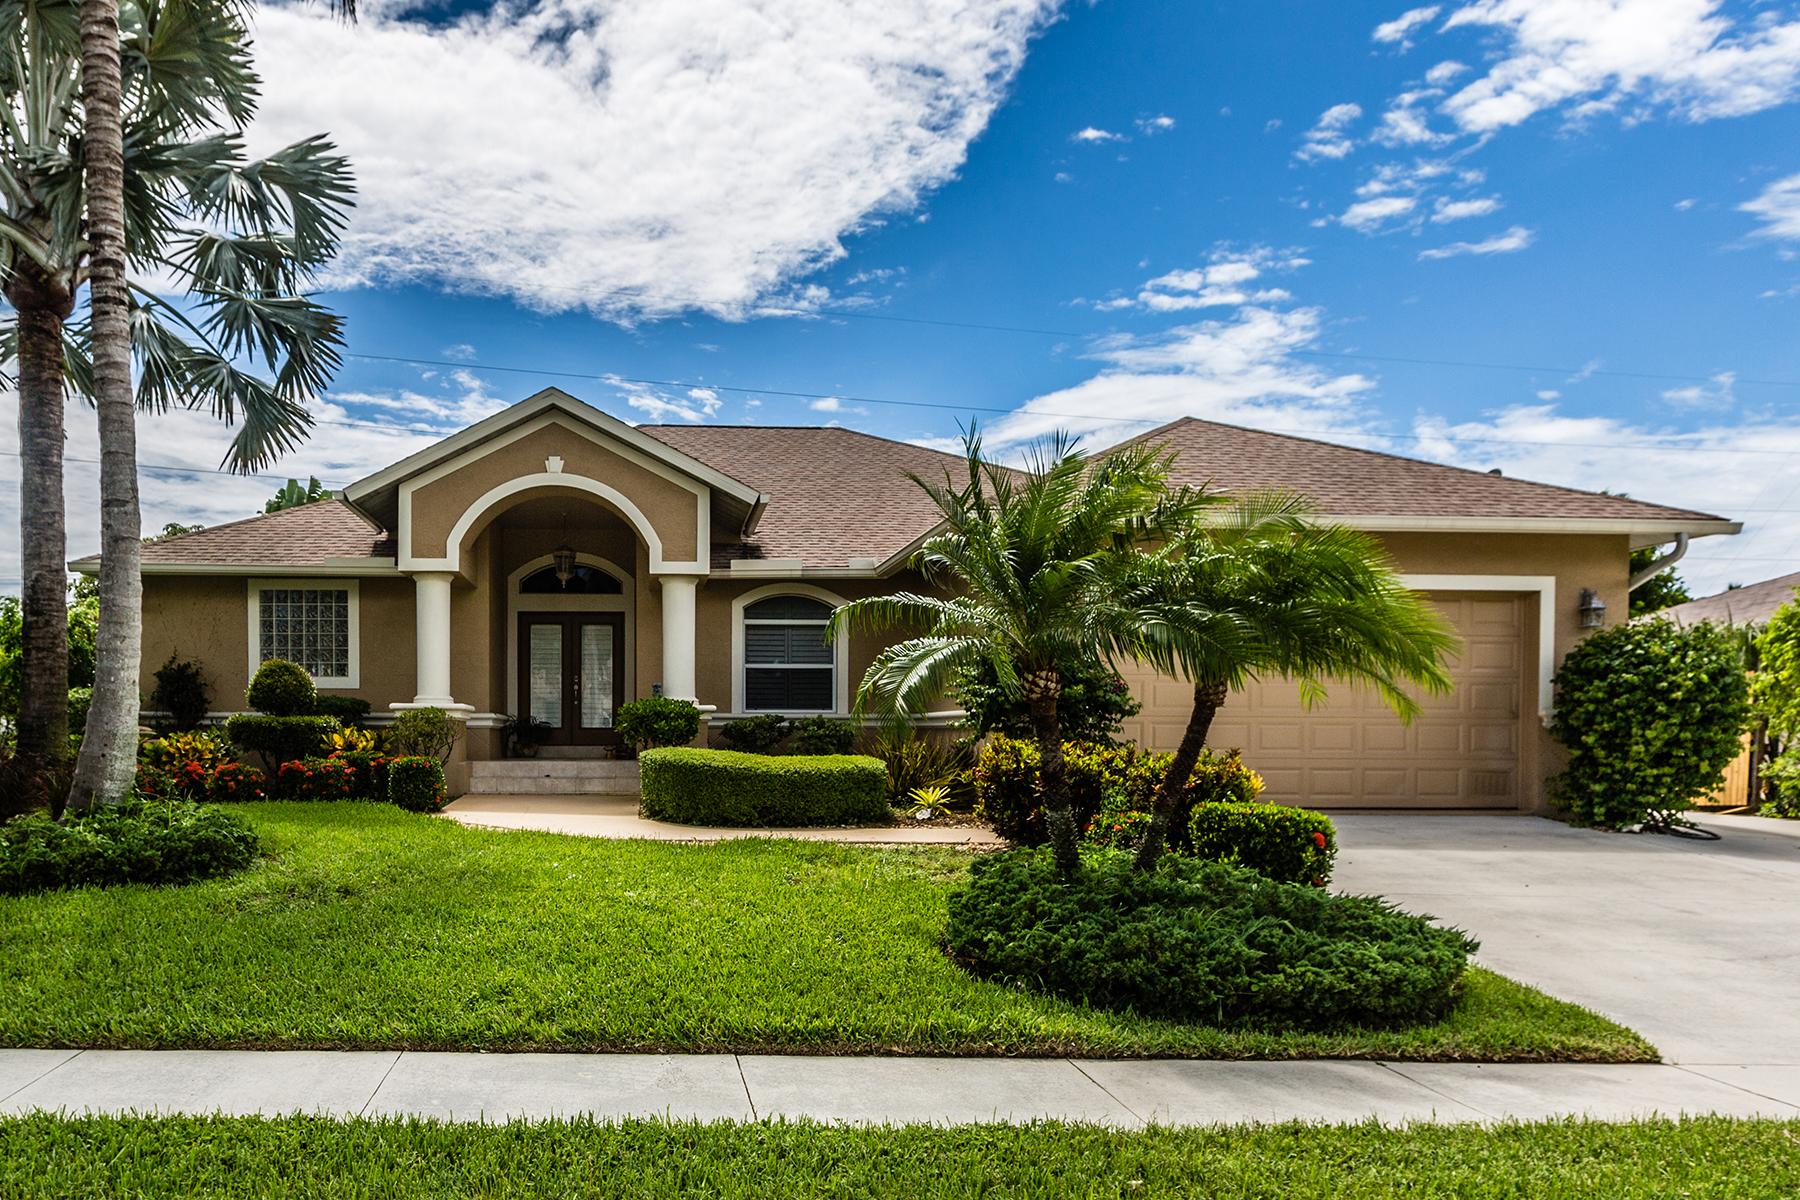 独户住宅 为 销售 在 MARCO ISLAND 152 Leland Way 马可岛, 佛罗里达州, 34145 美国